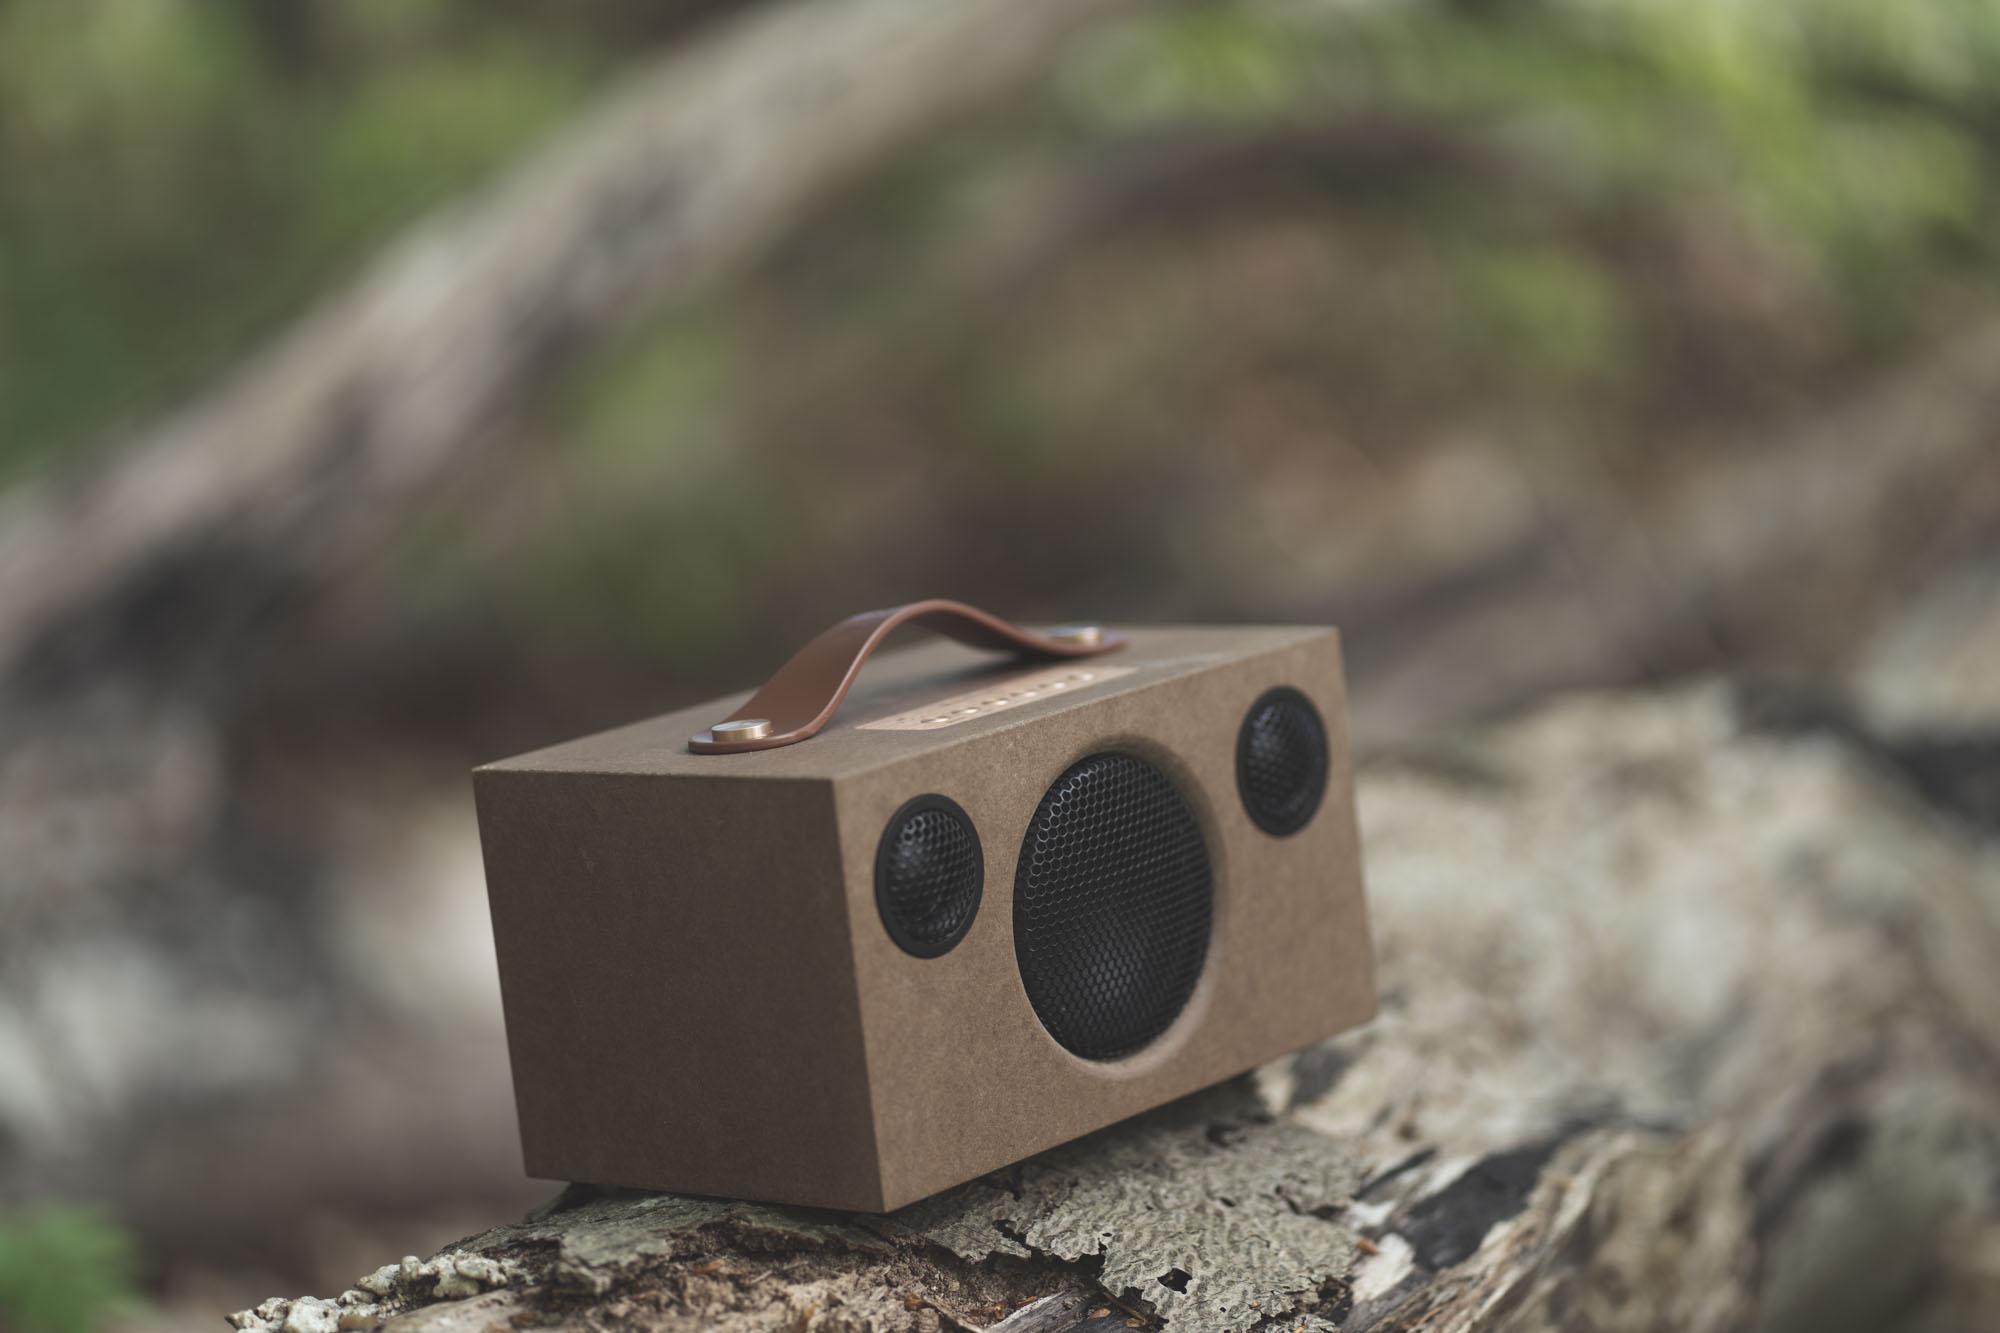 Megjelent az Audio Pro Addon T3+ hordozható Bluetooth hangszóró